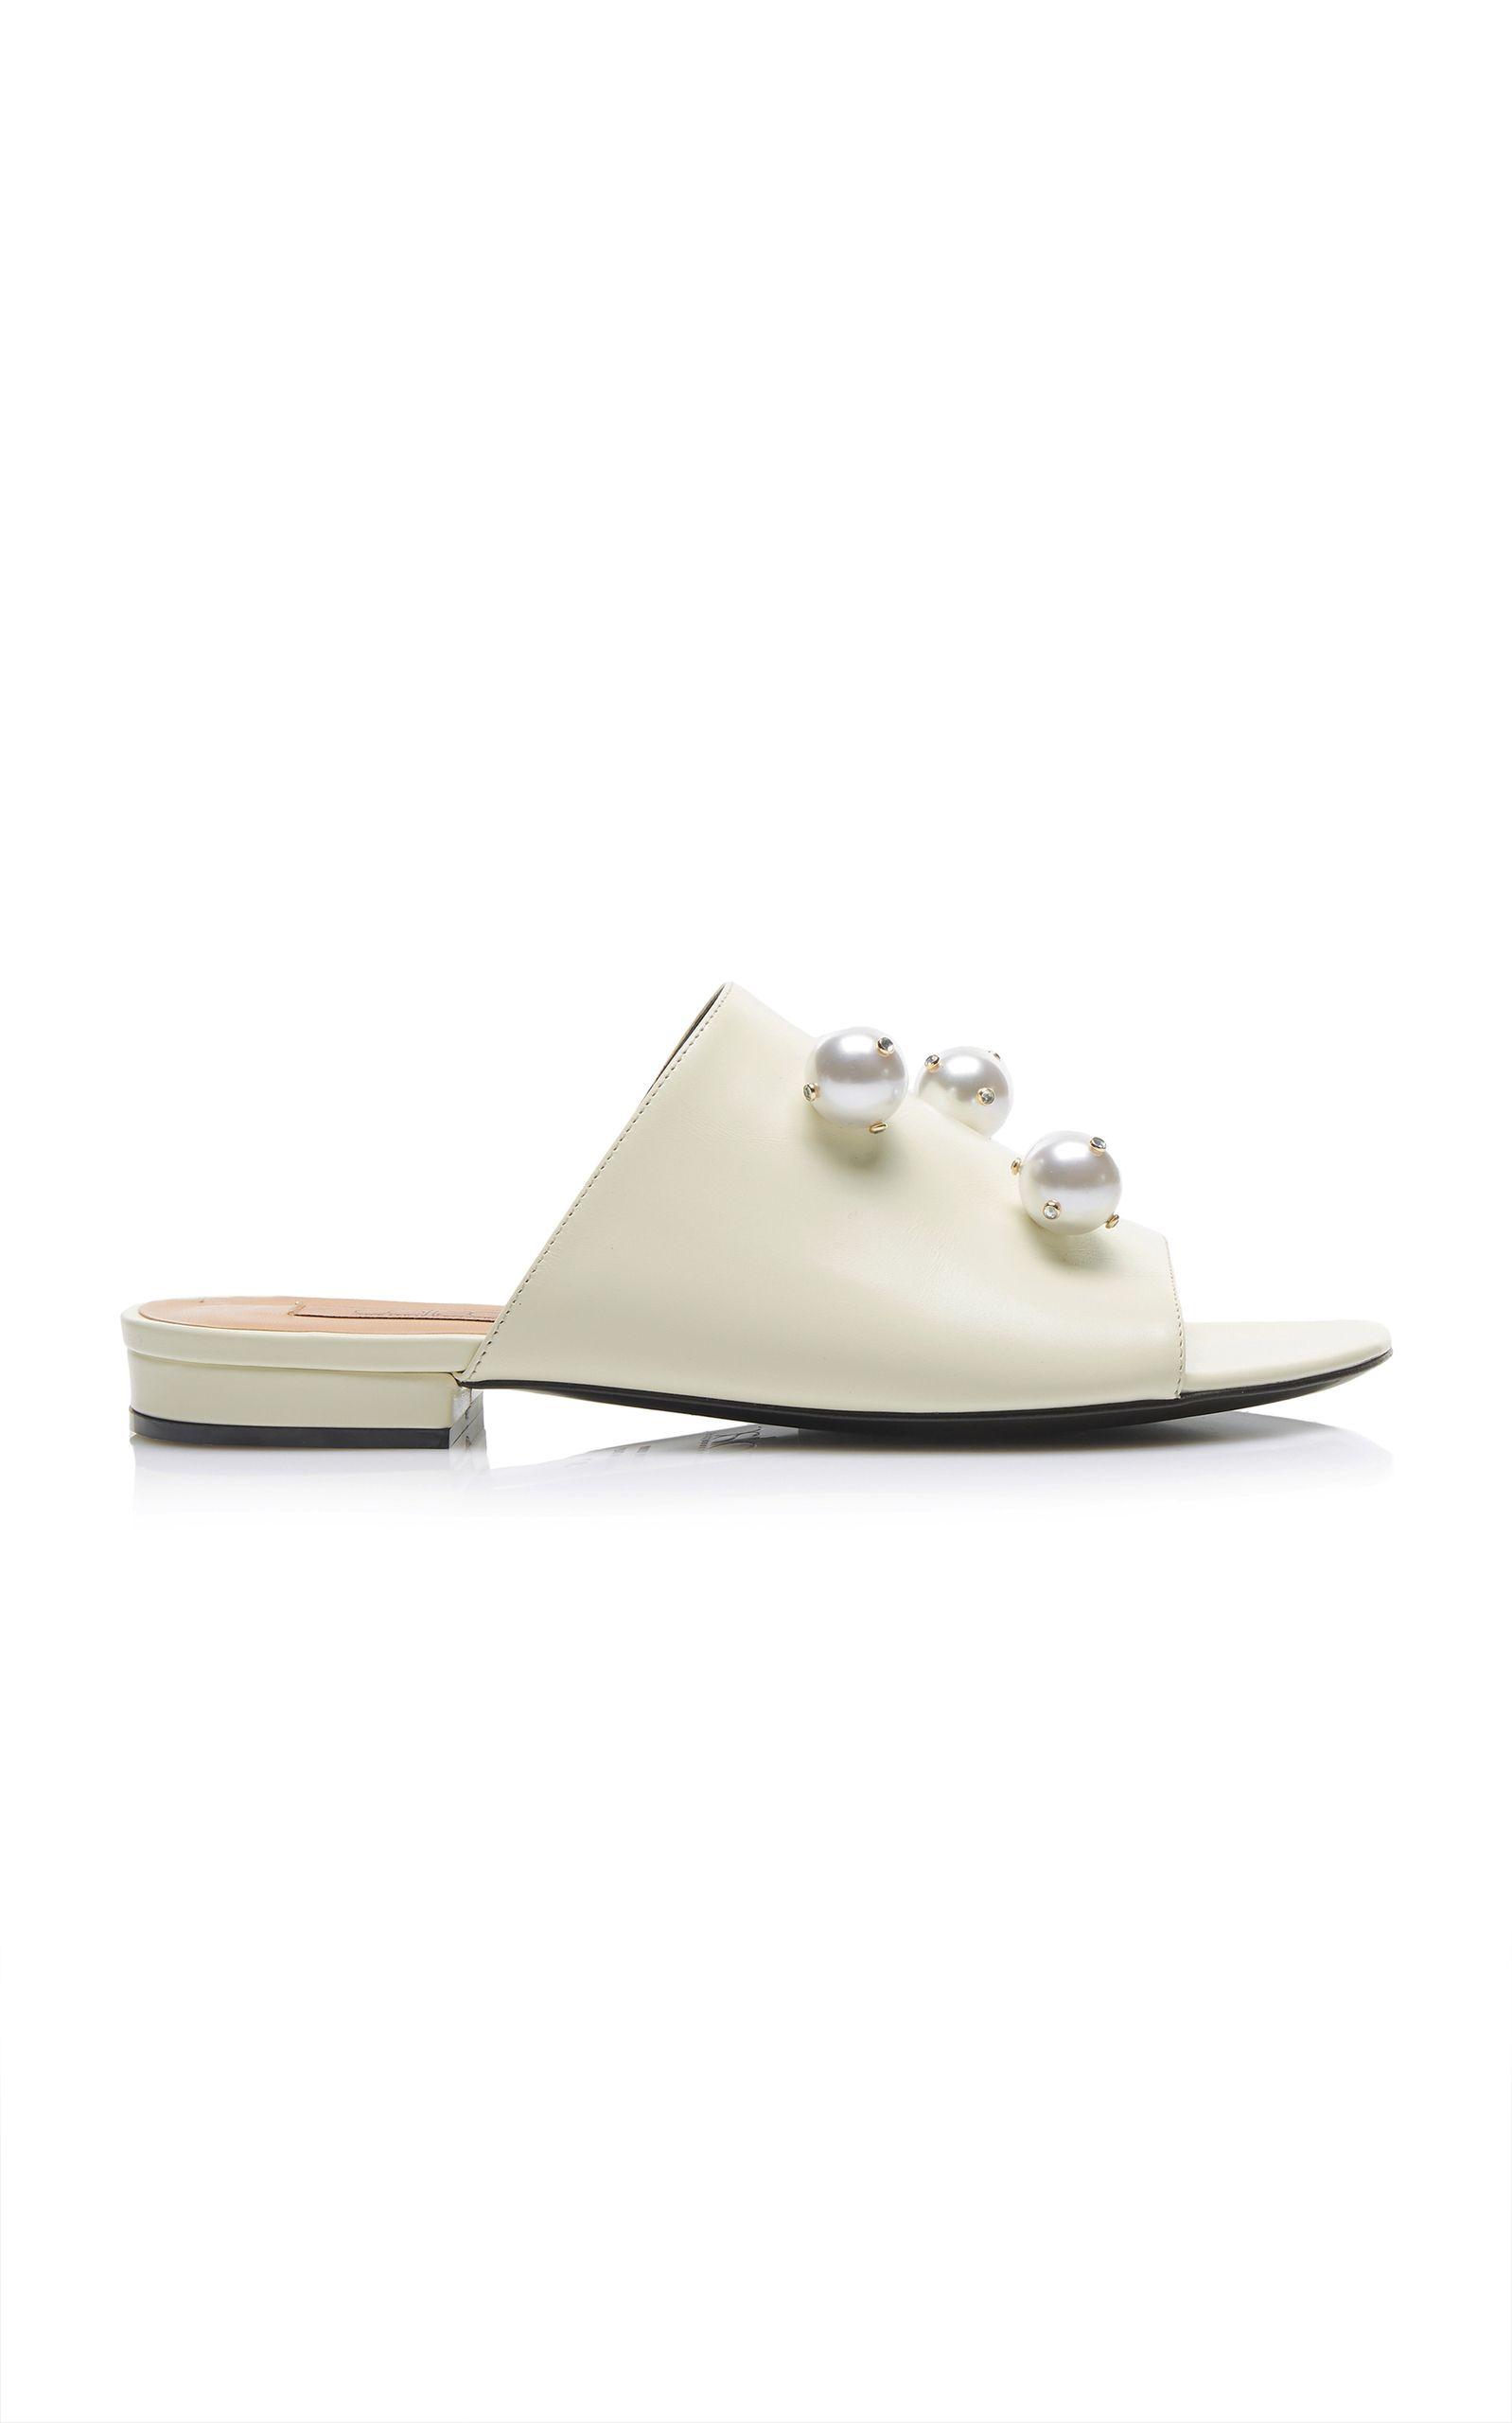 Tiziana Leather Sandals Coliac di Martina Grasselli hpKGqpBKQT